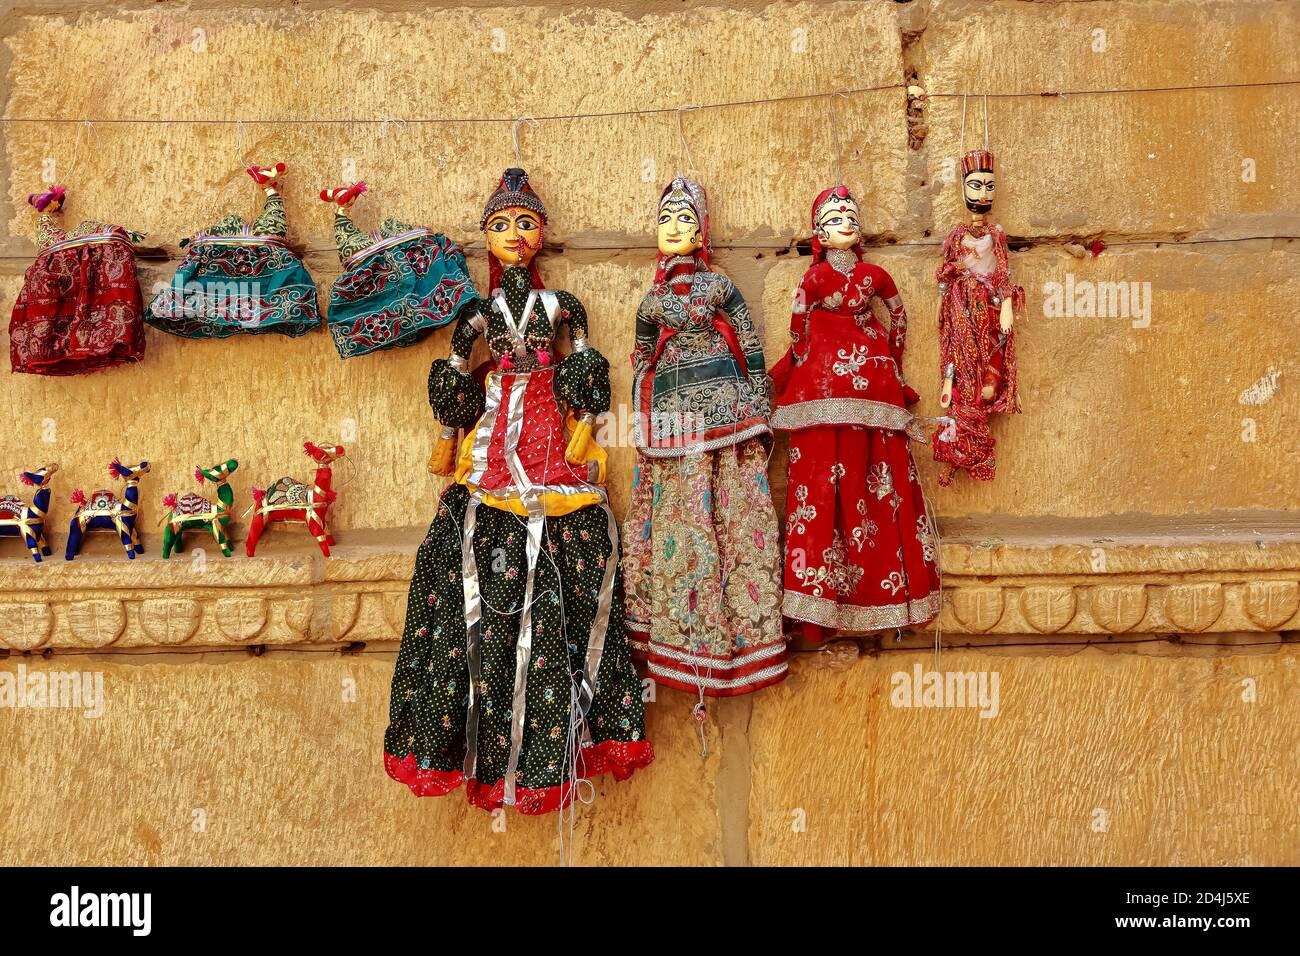 Marionetas coloridas con forma humana con ropa de colores colgando contra el Muro en Rajasthan India el 21 de febrero de 2018 Foto de stock